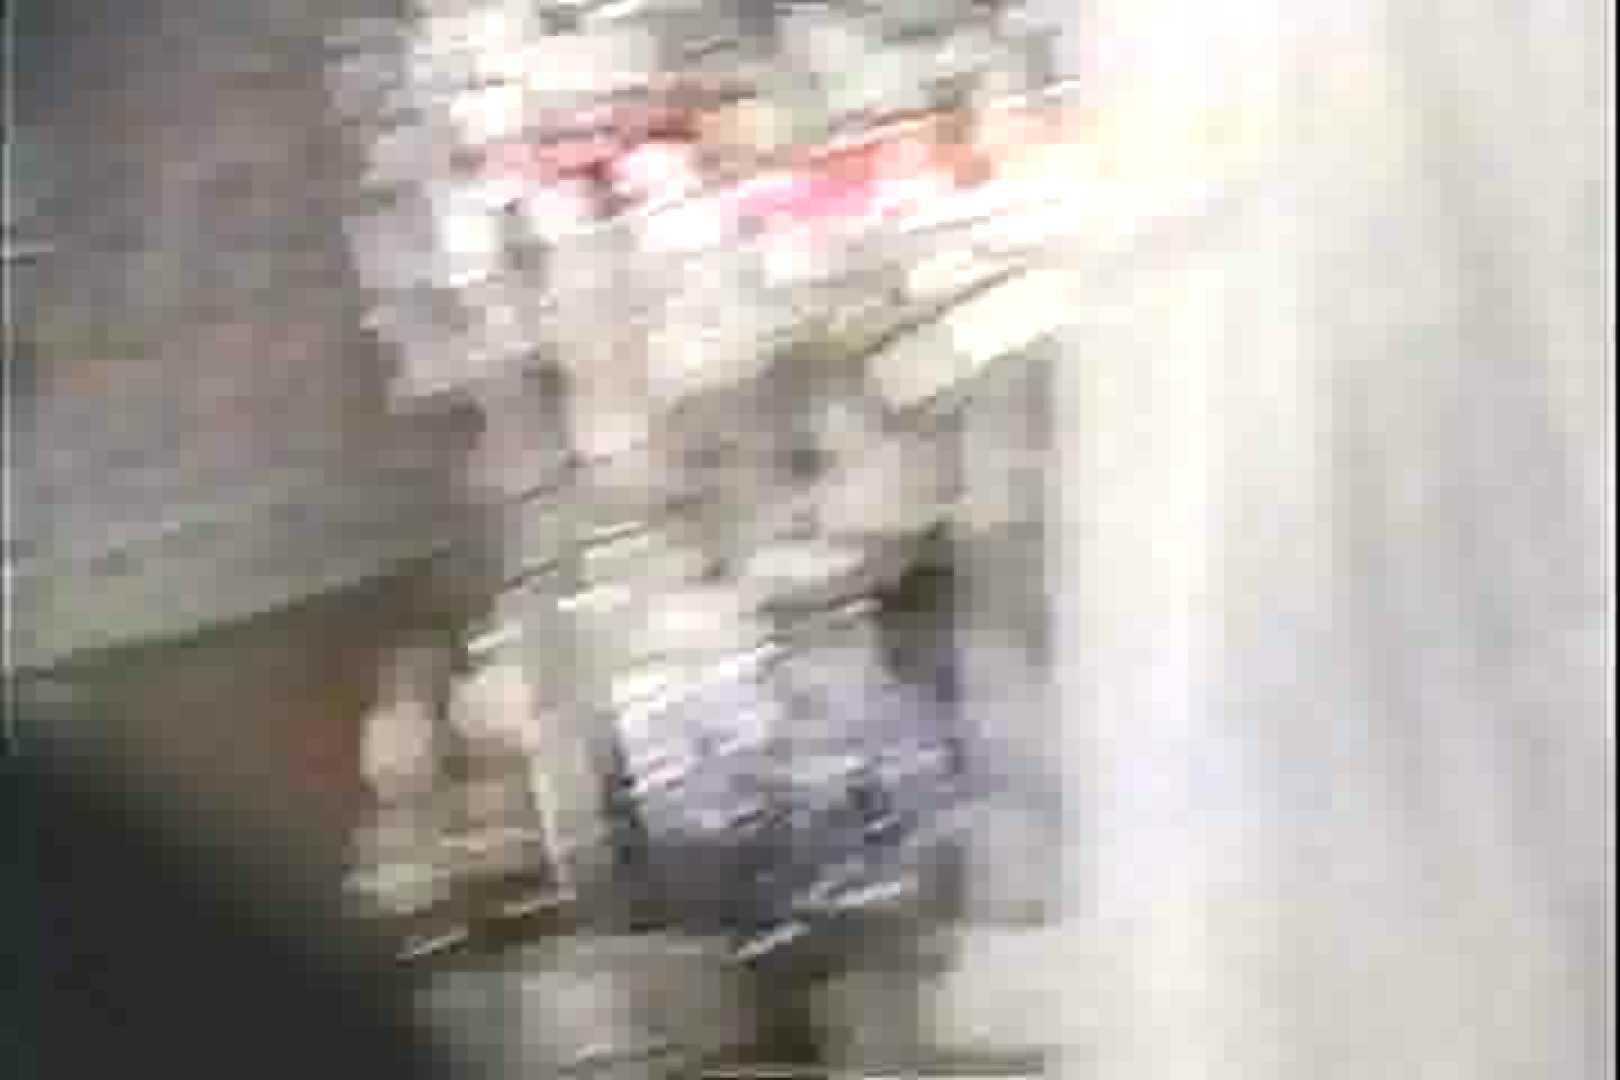 「ちくりん」さんのオリジナル未編集パンチラVol.3_02 OLの実態 盗み撮りSEX無修正画像 46pic 17